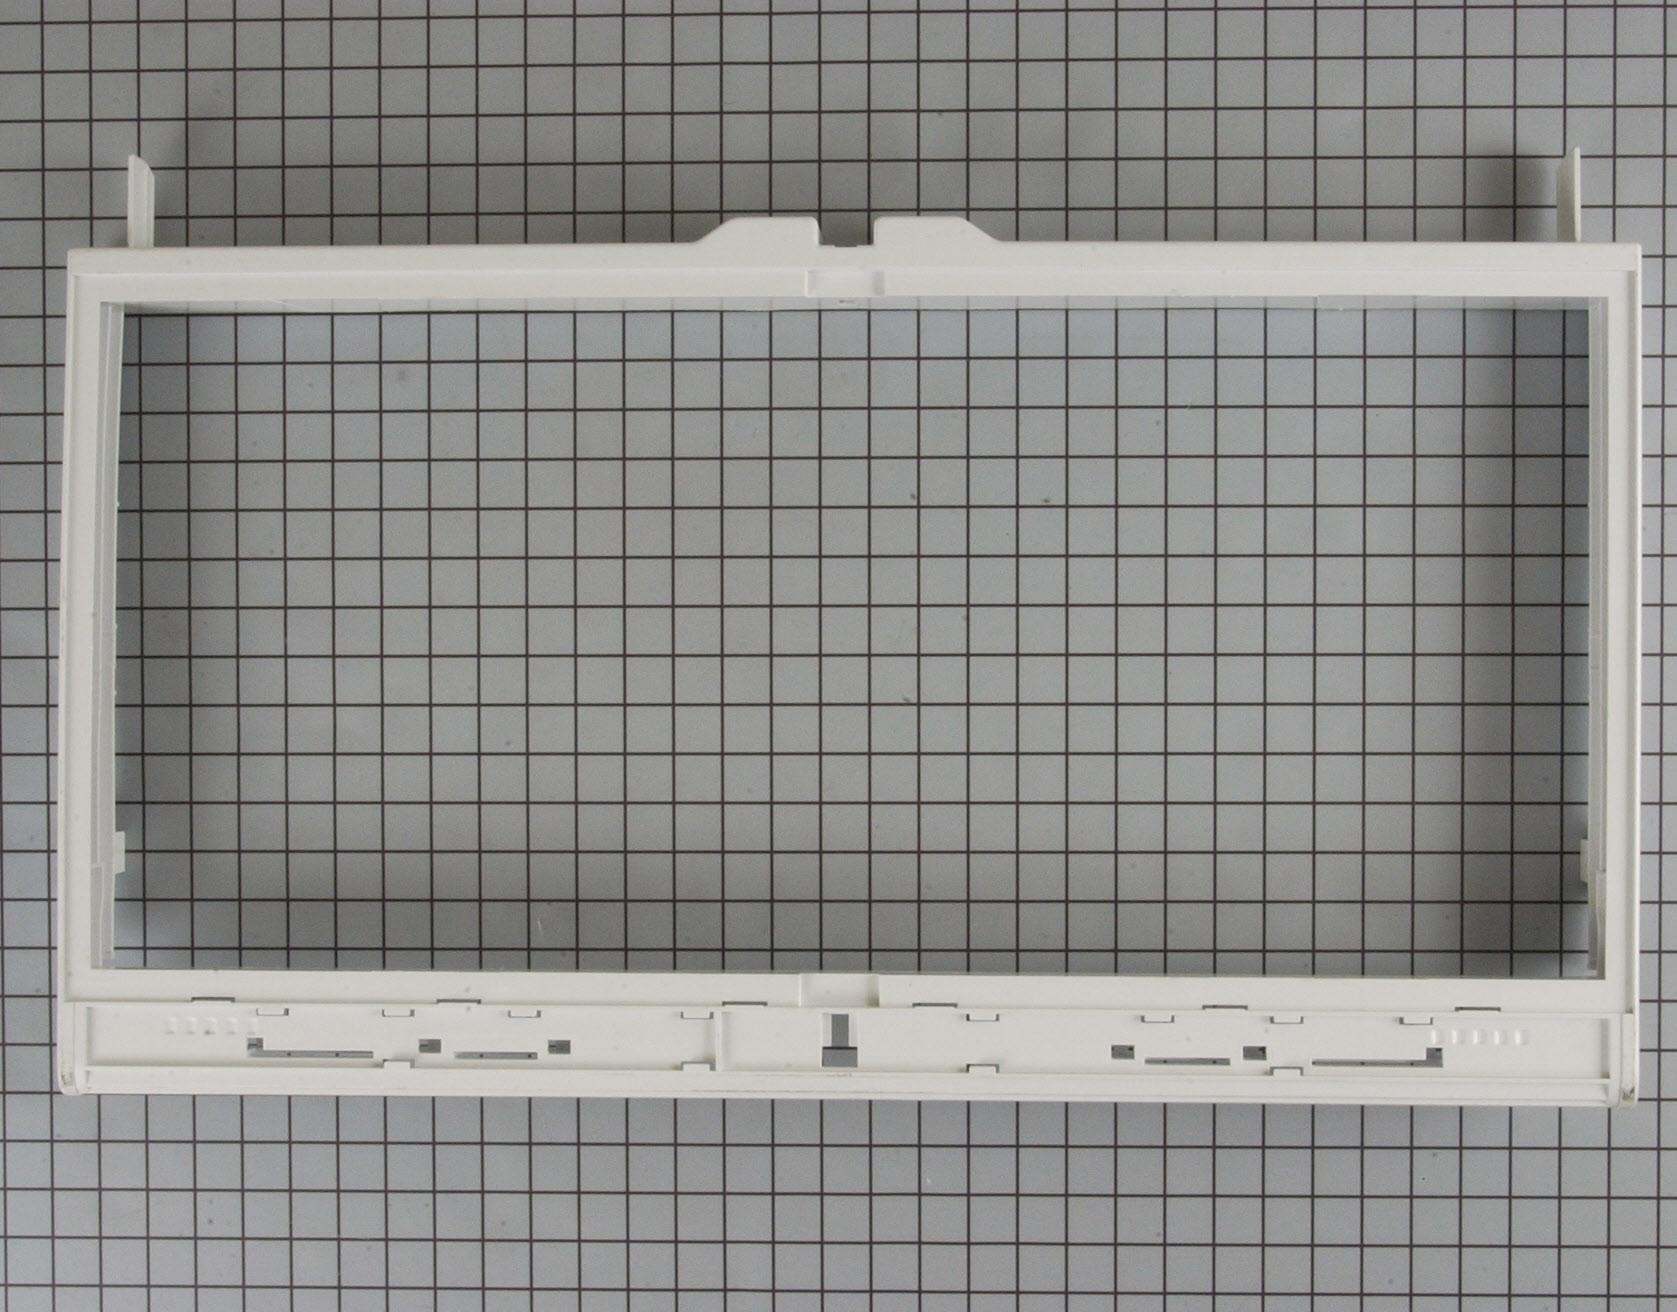 Ikea Refrigerator Part # WP67003854 - Shelf Frame